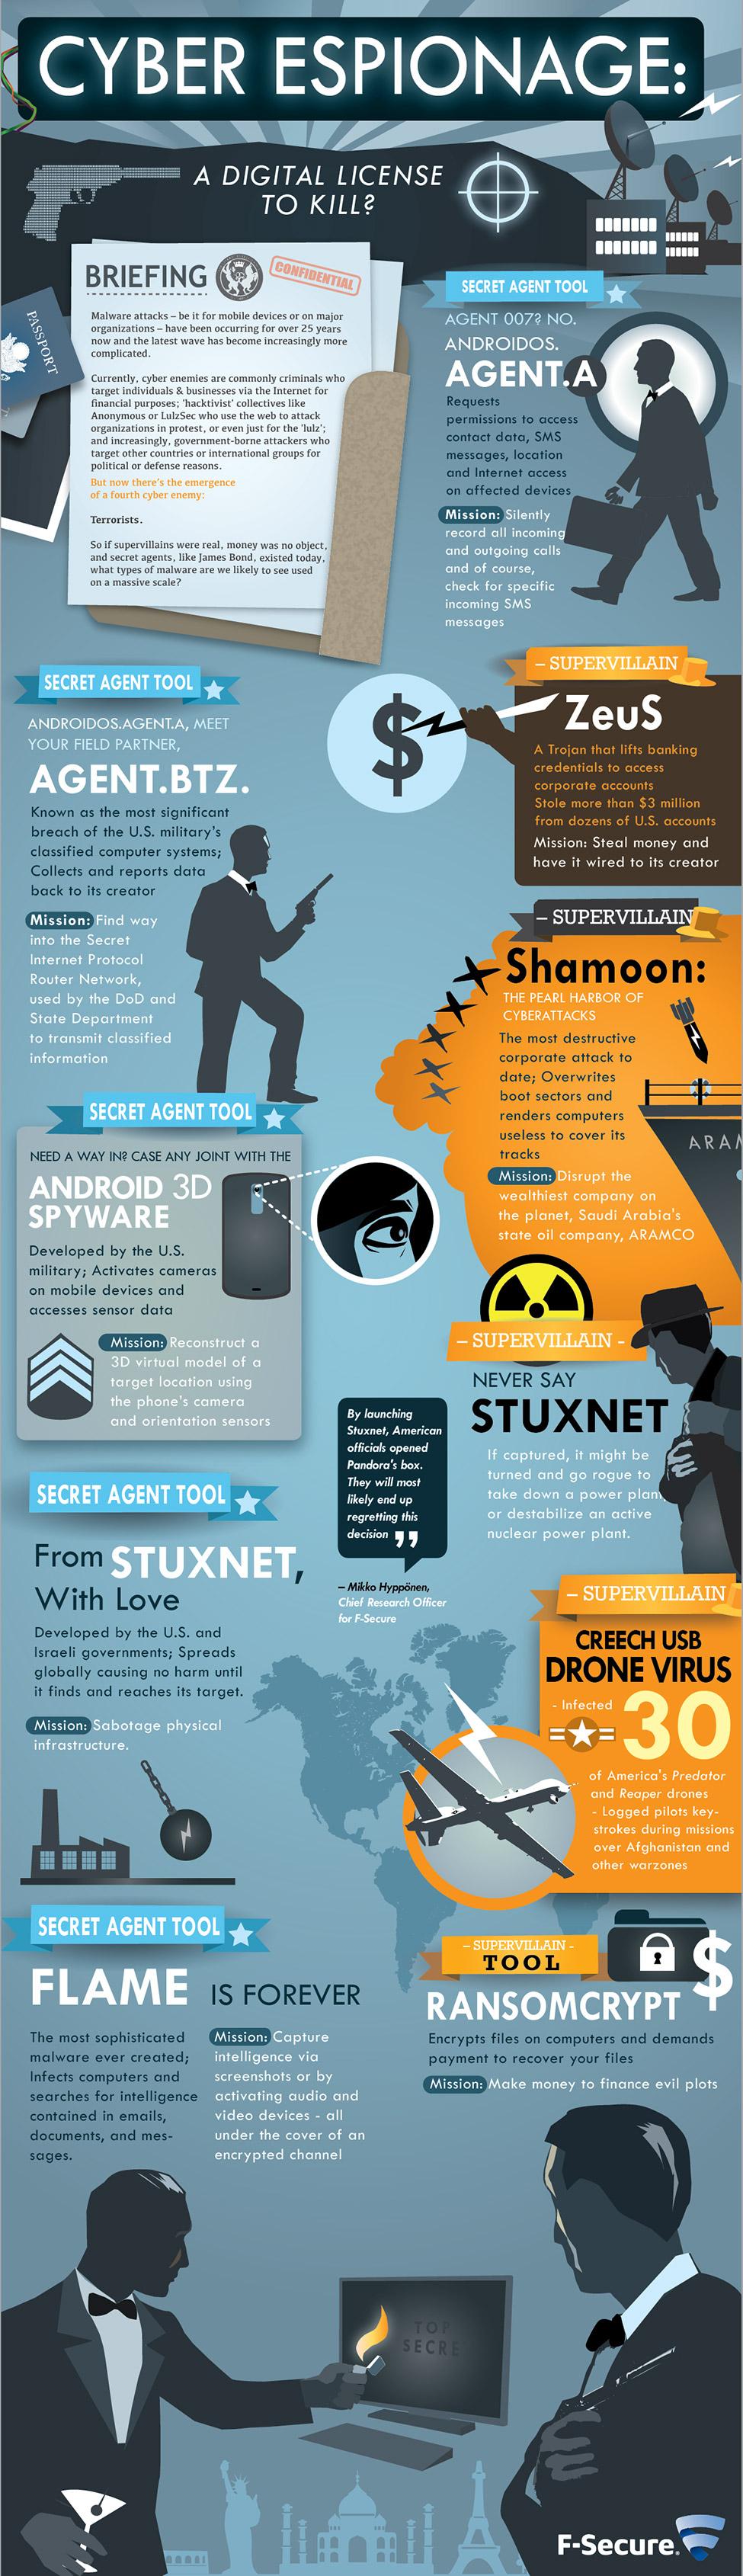 Cyber espionage infographic